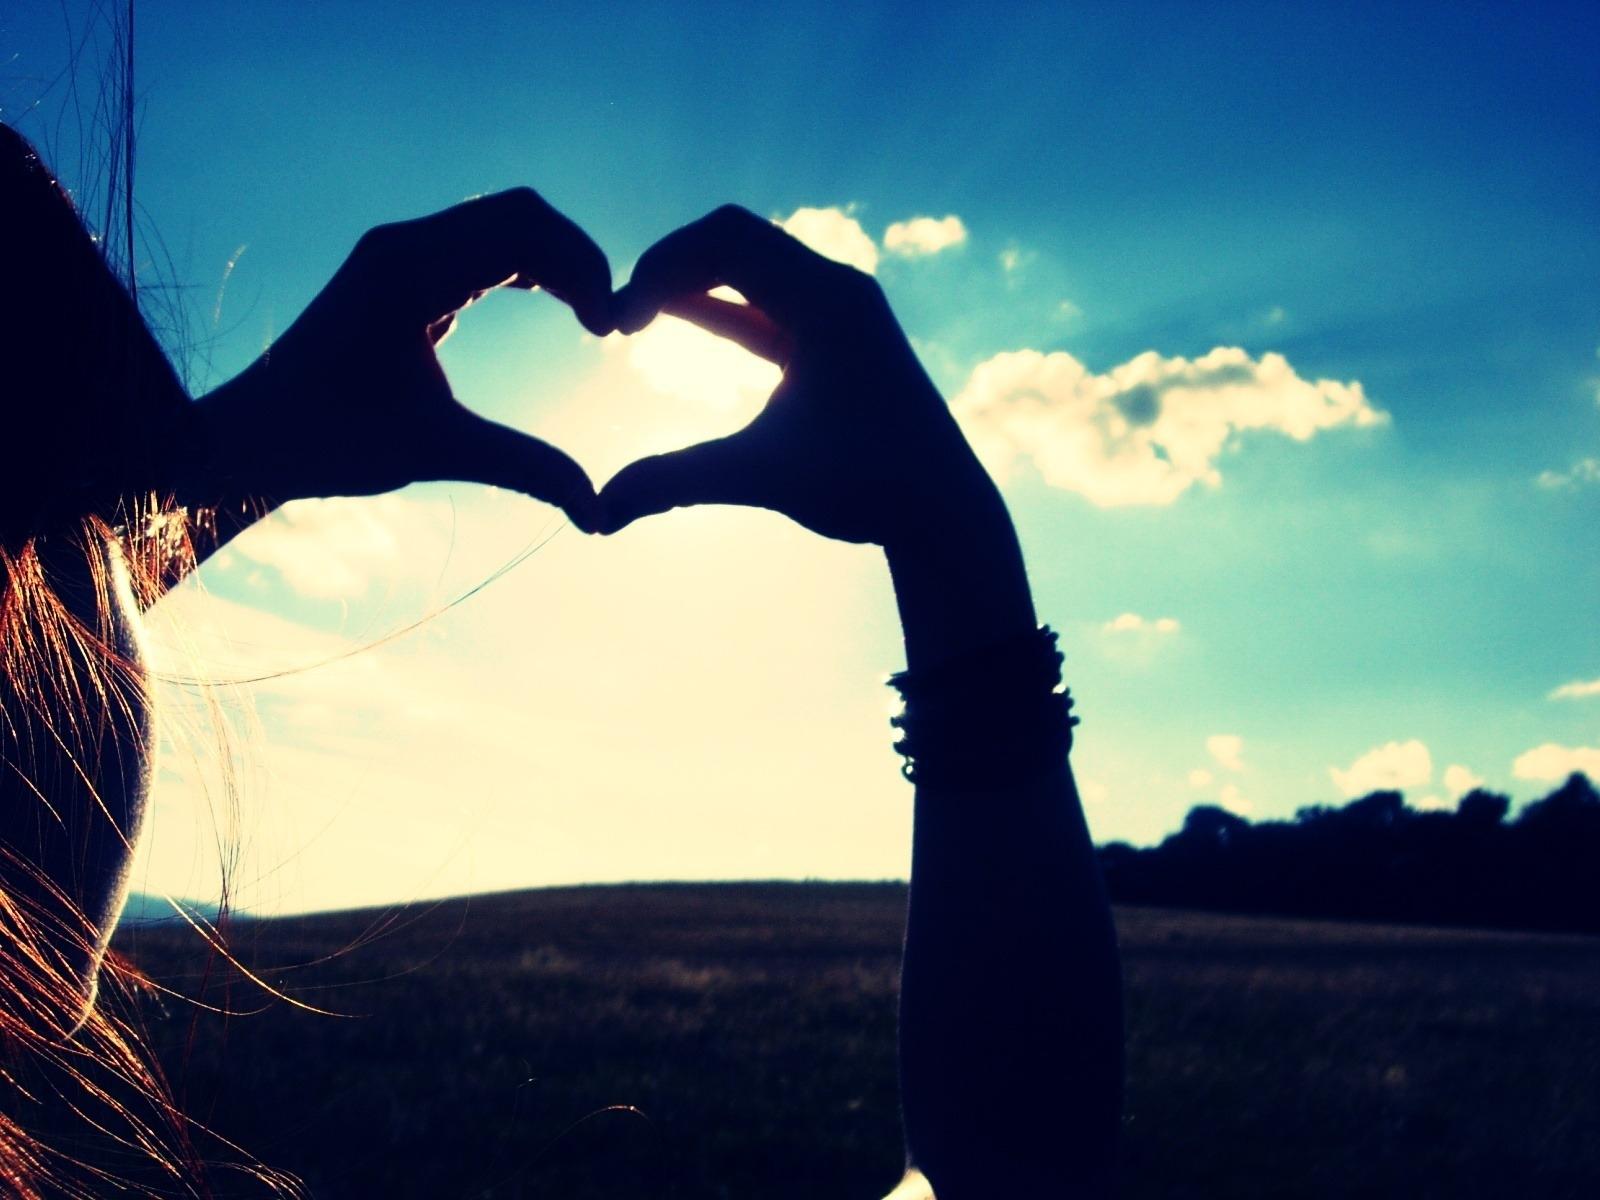 Tình yêu ... cũng đã từng một lần ngừng hy vọng.